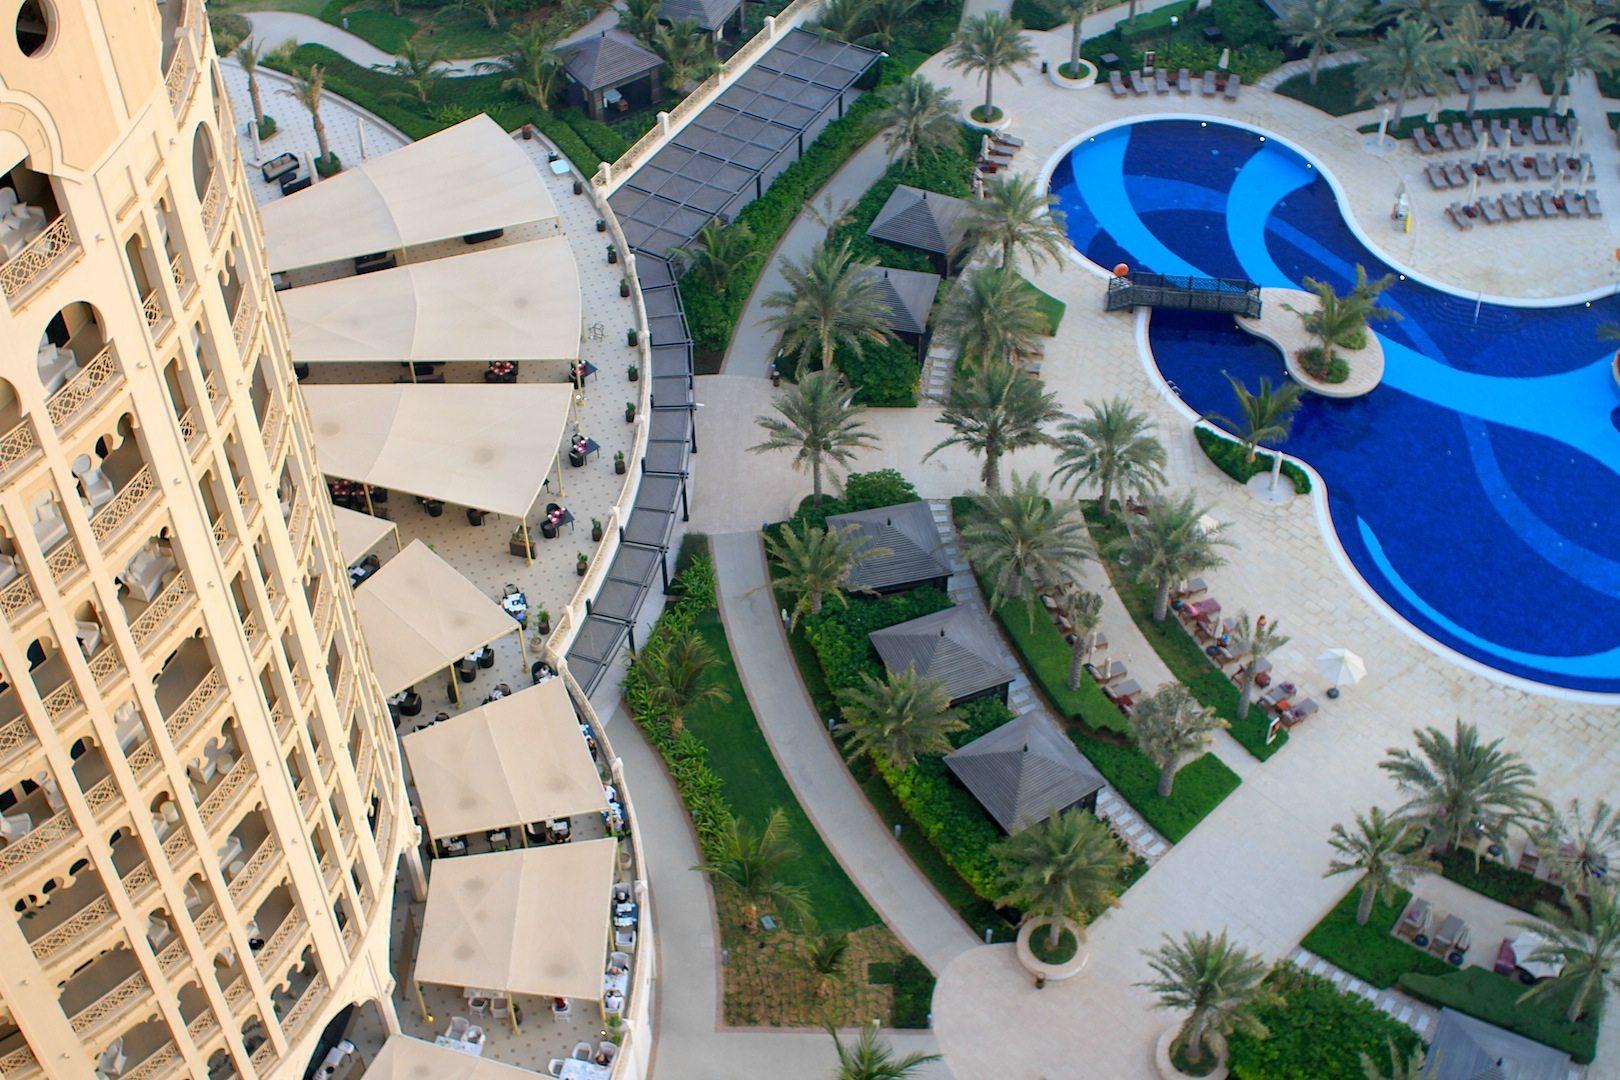 Terrasse und Pool. Teil des Waldorf Astoria-Innenbereichs